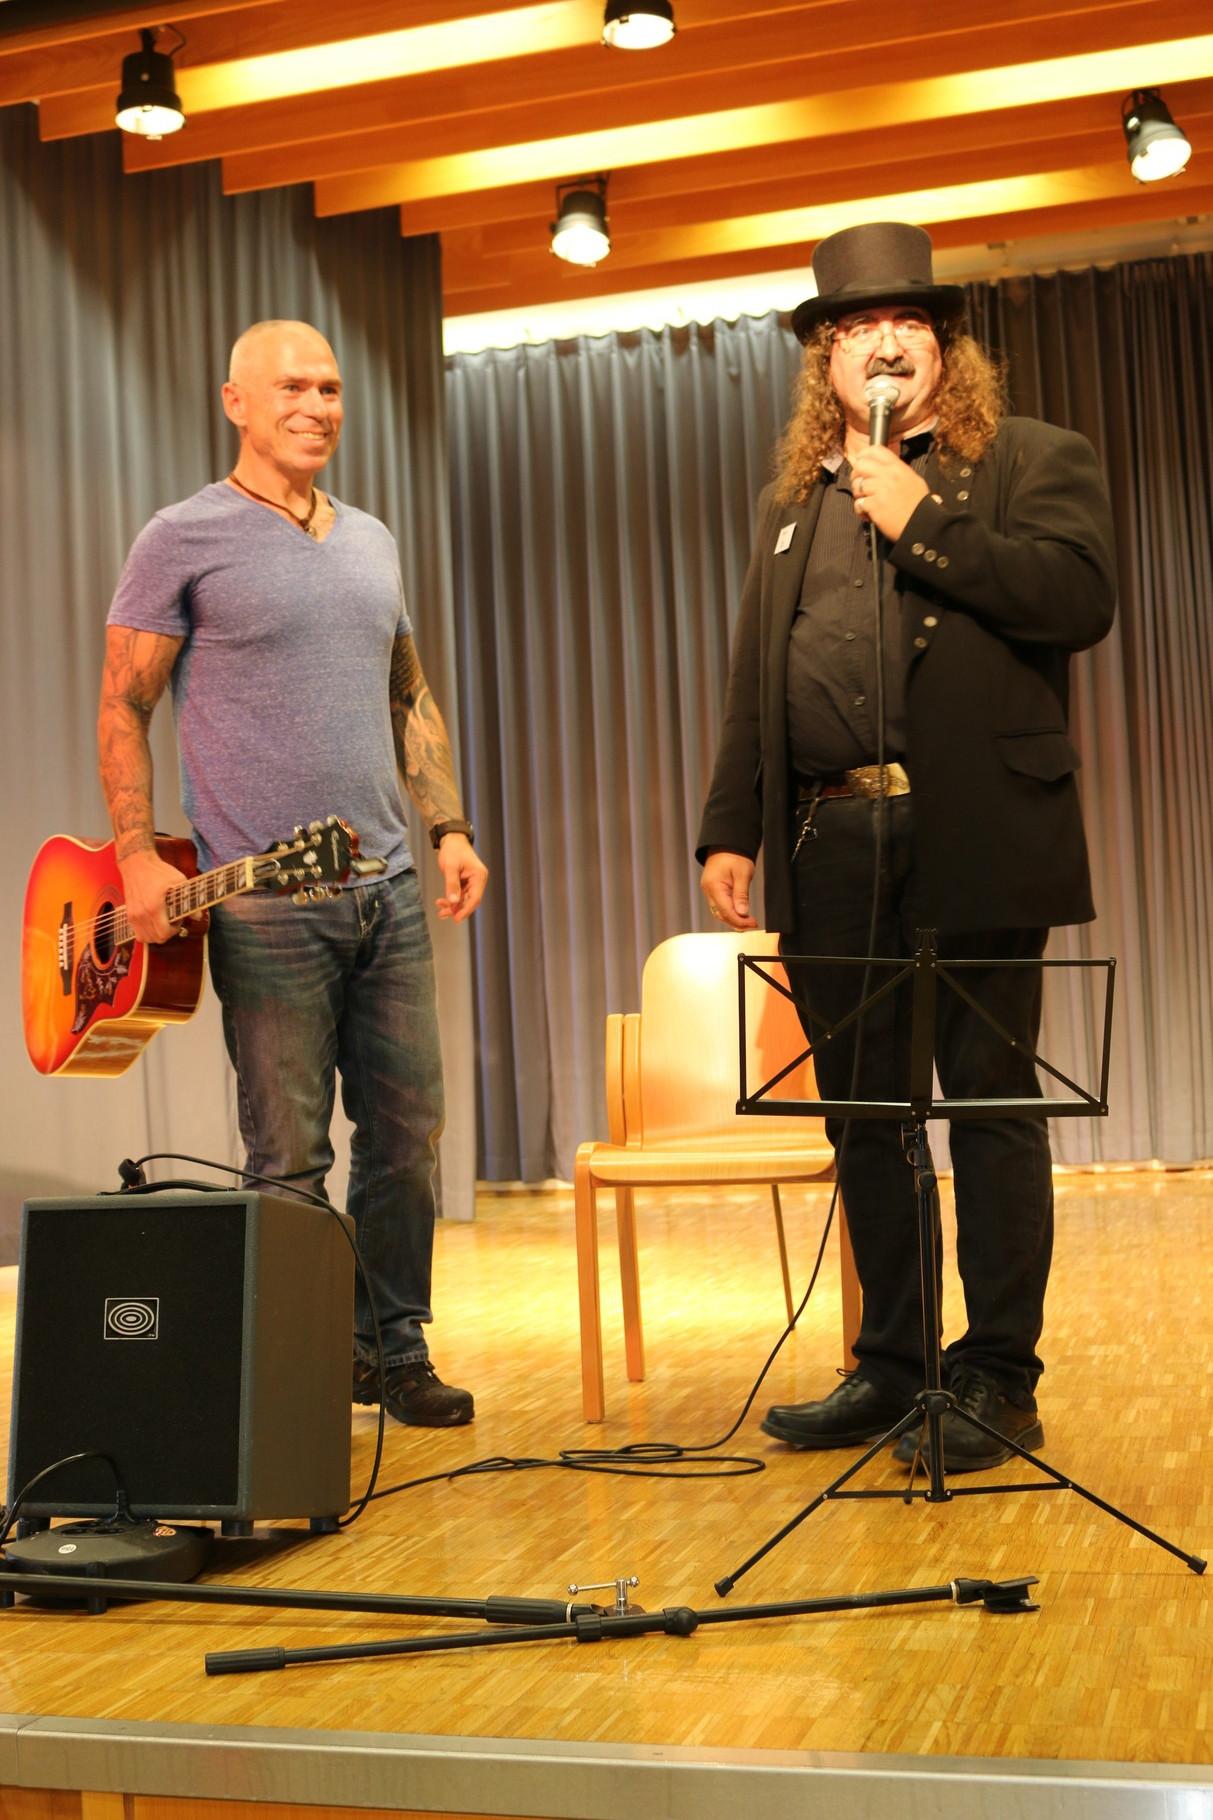 Eddie und der Musiker